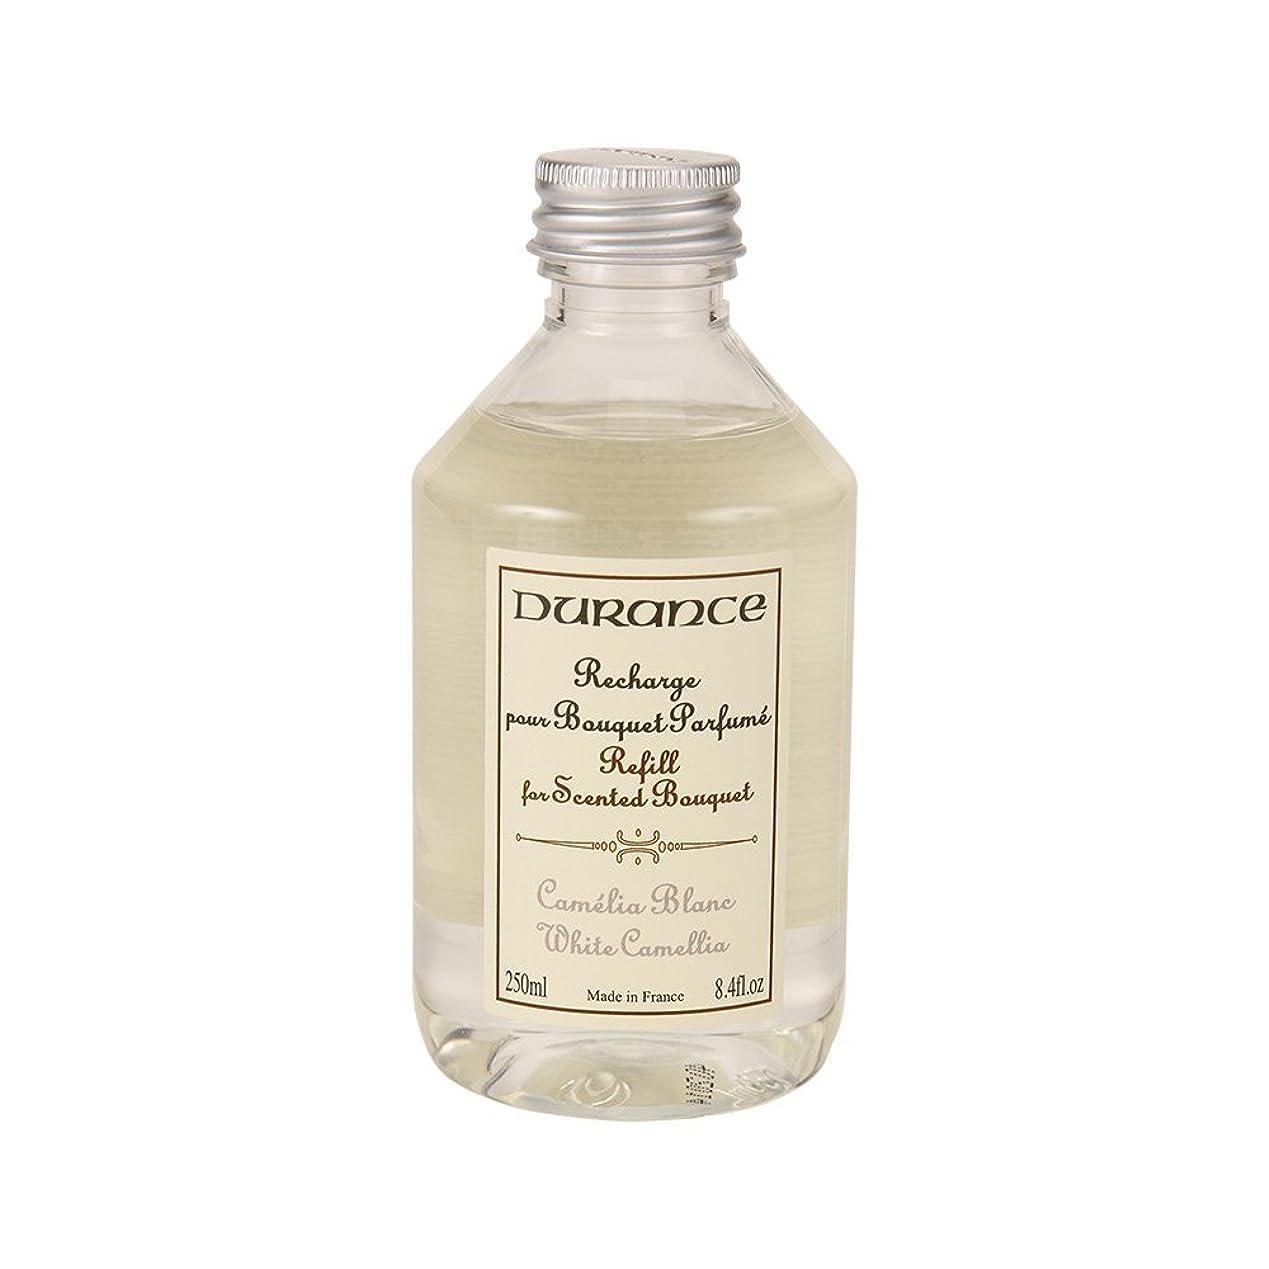 イタリアの名義で全体Durance [ デュランス ] Refill for scented bouquet リフィルオイルWhite Camellia ホワイト カメリア 45513 アロマオイル 防ダニ フレグランス ブーケ [並行輸入品]